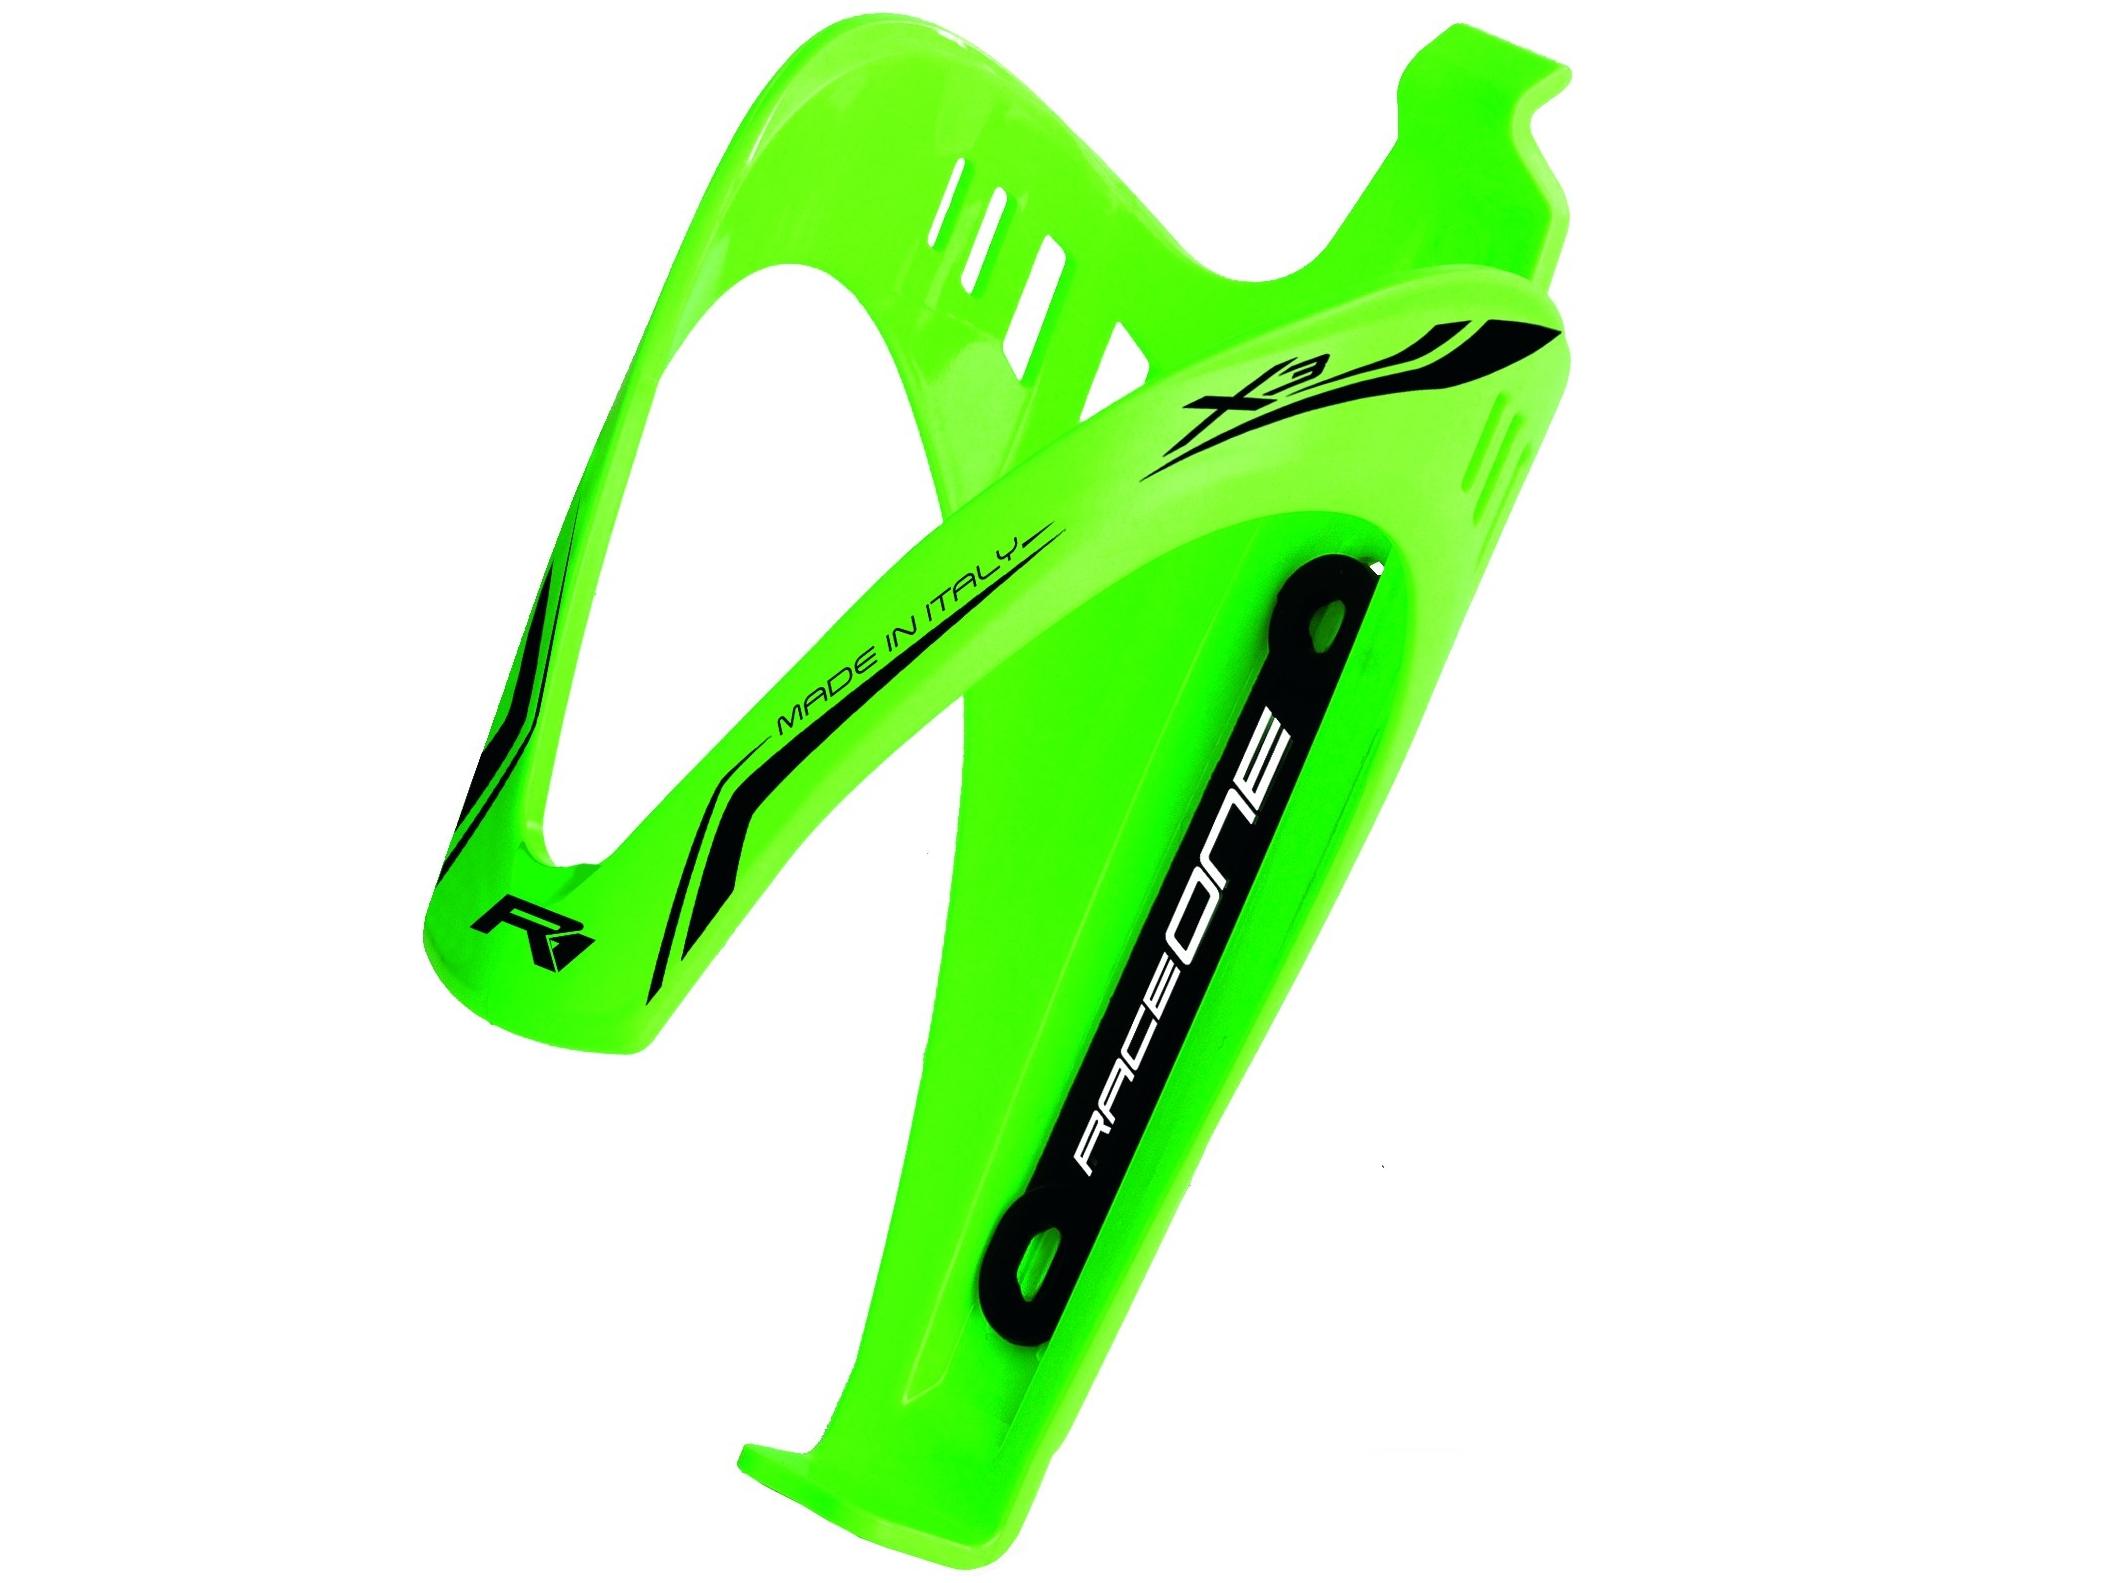 Koszyk bidonu RaceOne X3 zielony bidon rowerowy